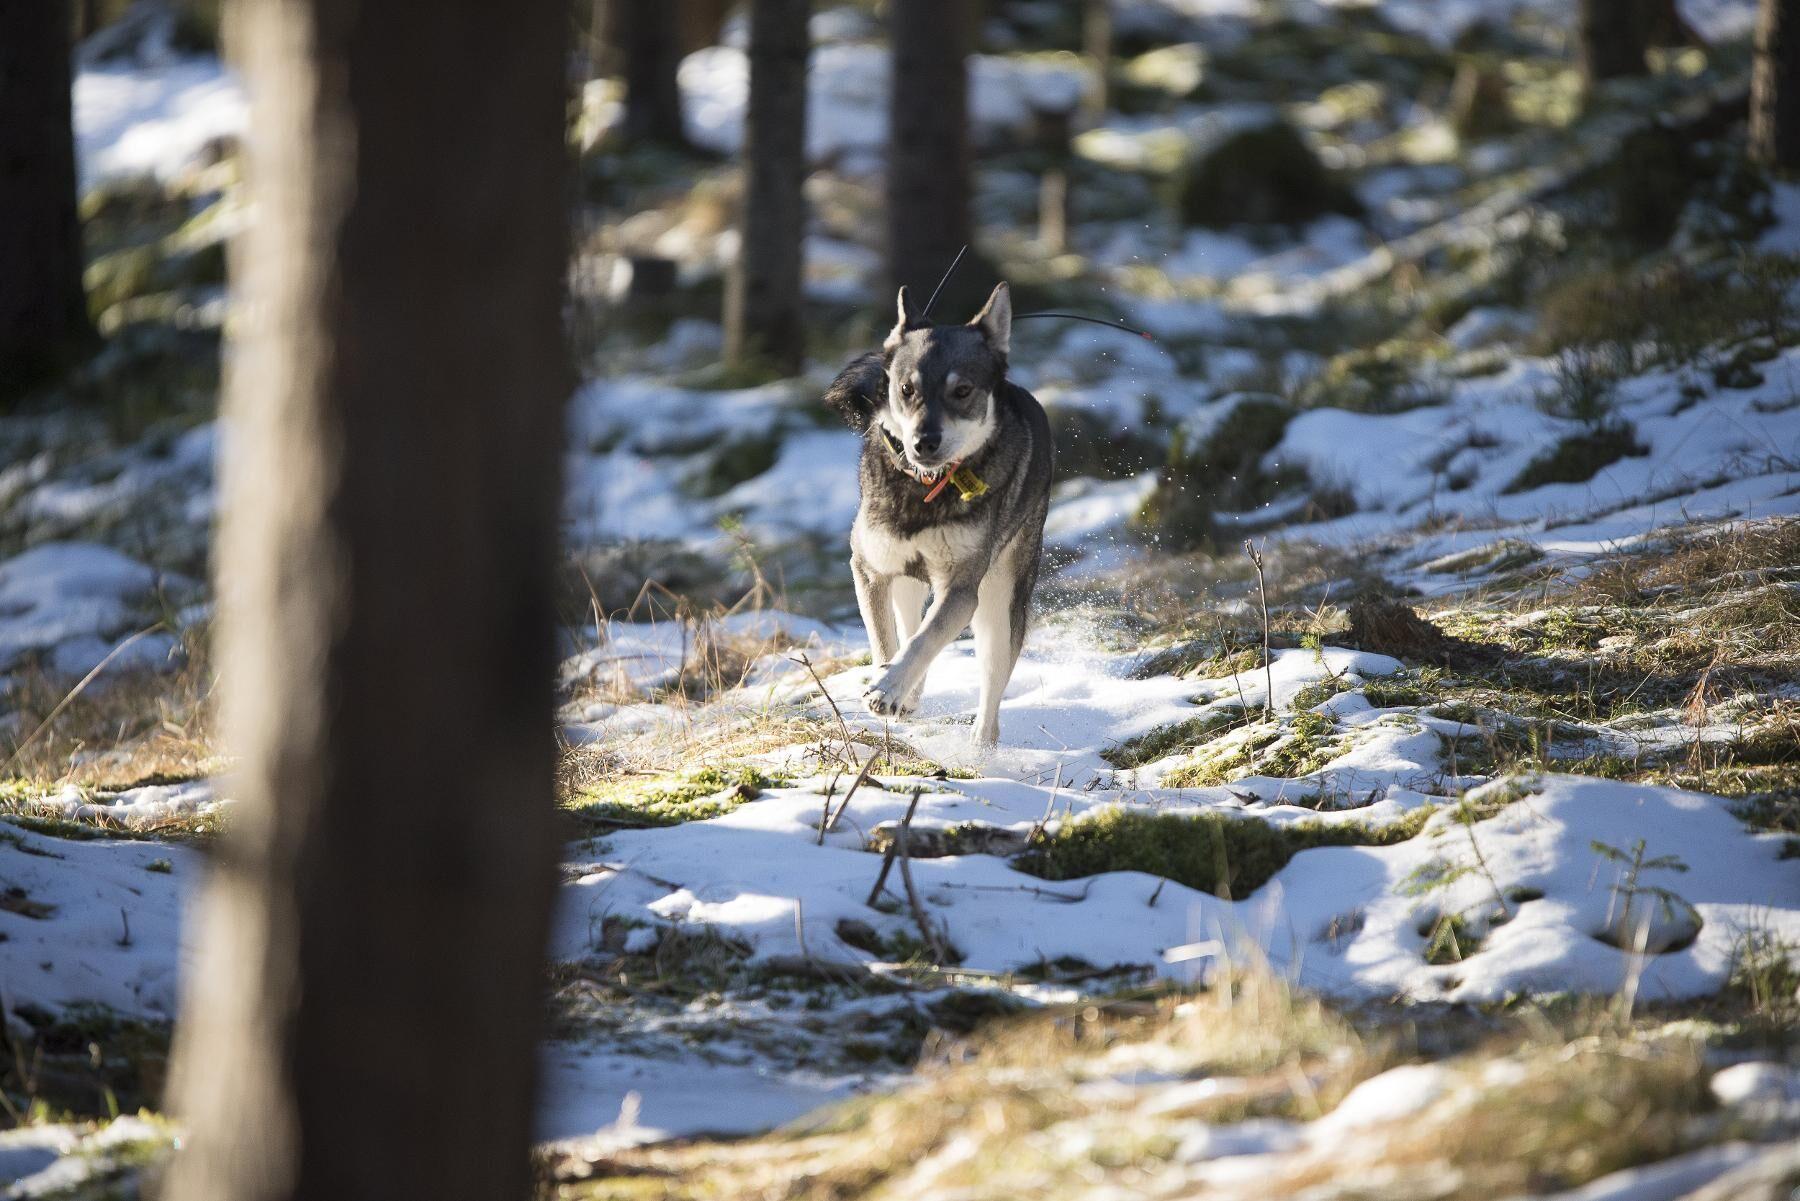 Virpi på väg efter en sökrunda. Att älghunden håller kontakt med hundföraren under jakten mellan sökrundorna är viktigt.